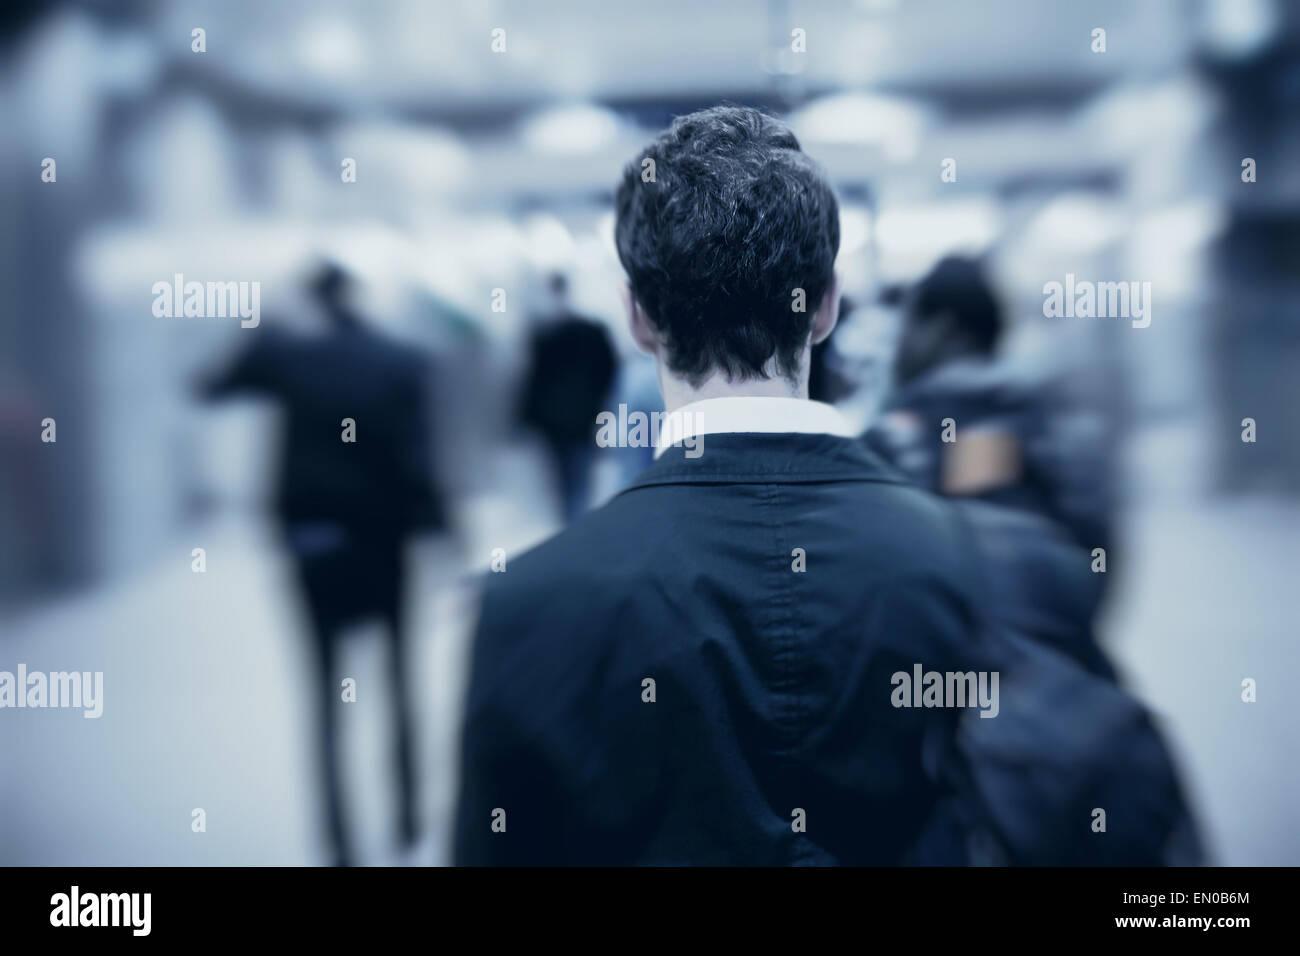 Les gens qui marchent dans la métro, blurred motion, retour de l'homme Photo Stock